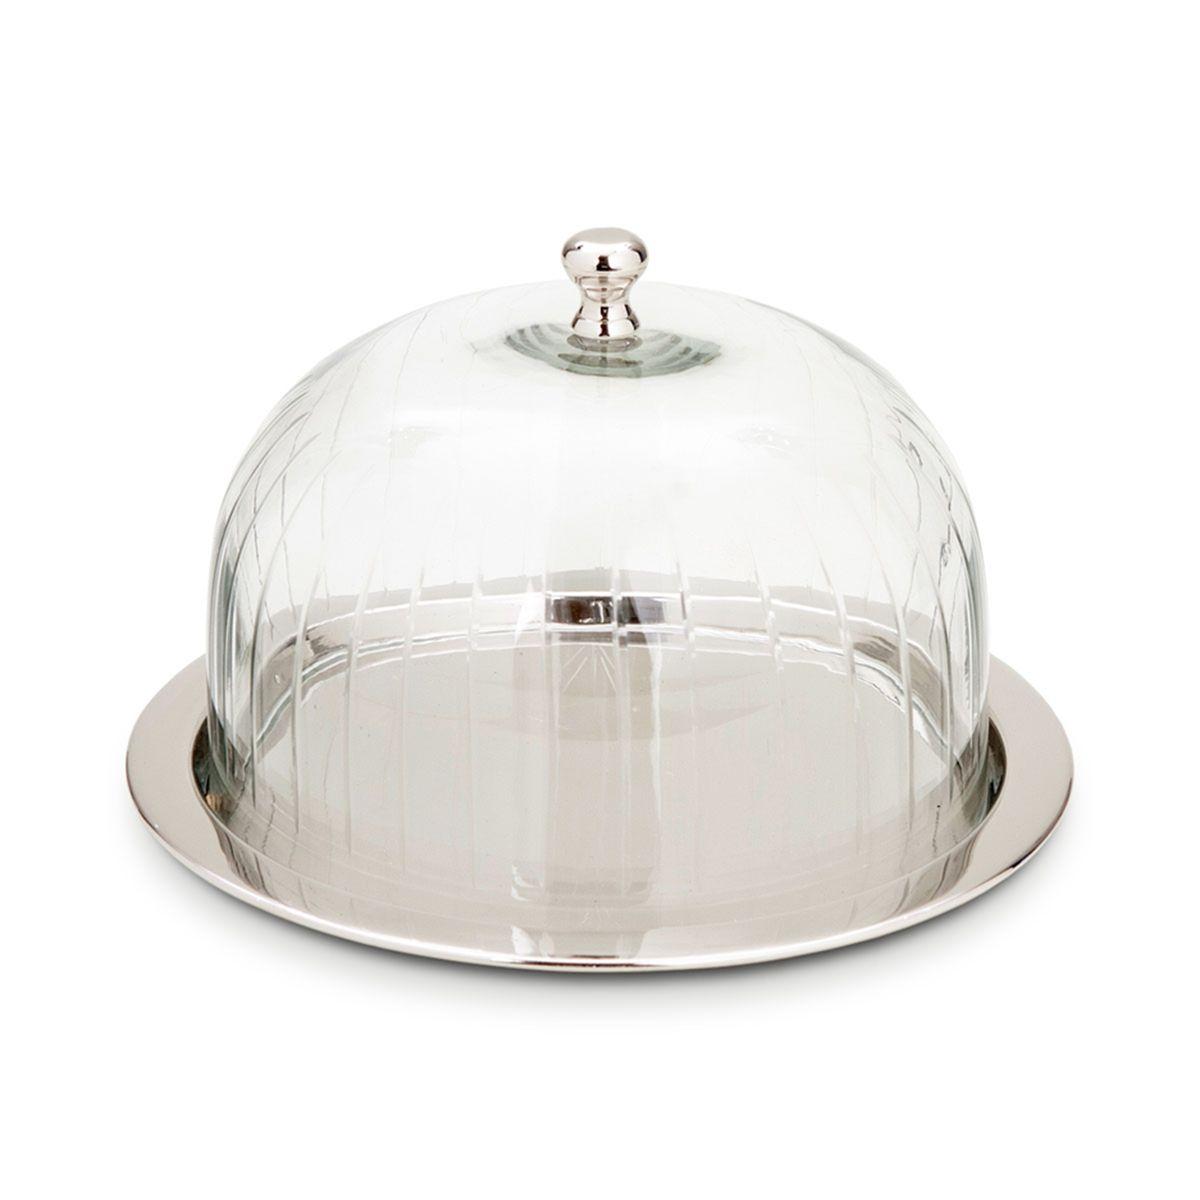 cute kitchen gadgets play dishes boleira quadrada com prato em vidro e metal niquelado